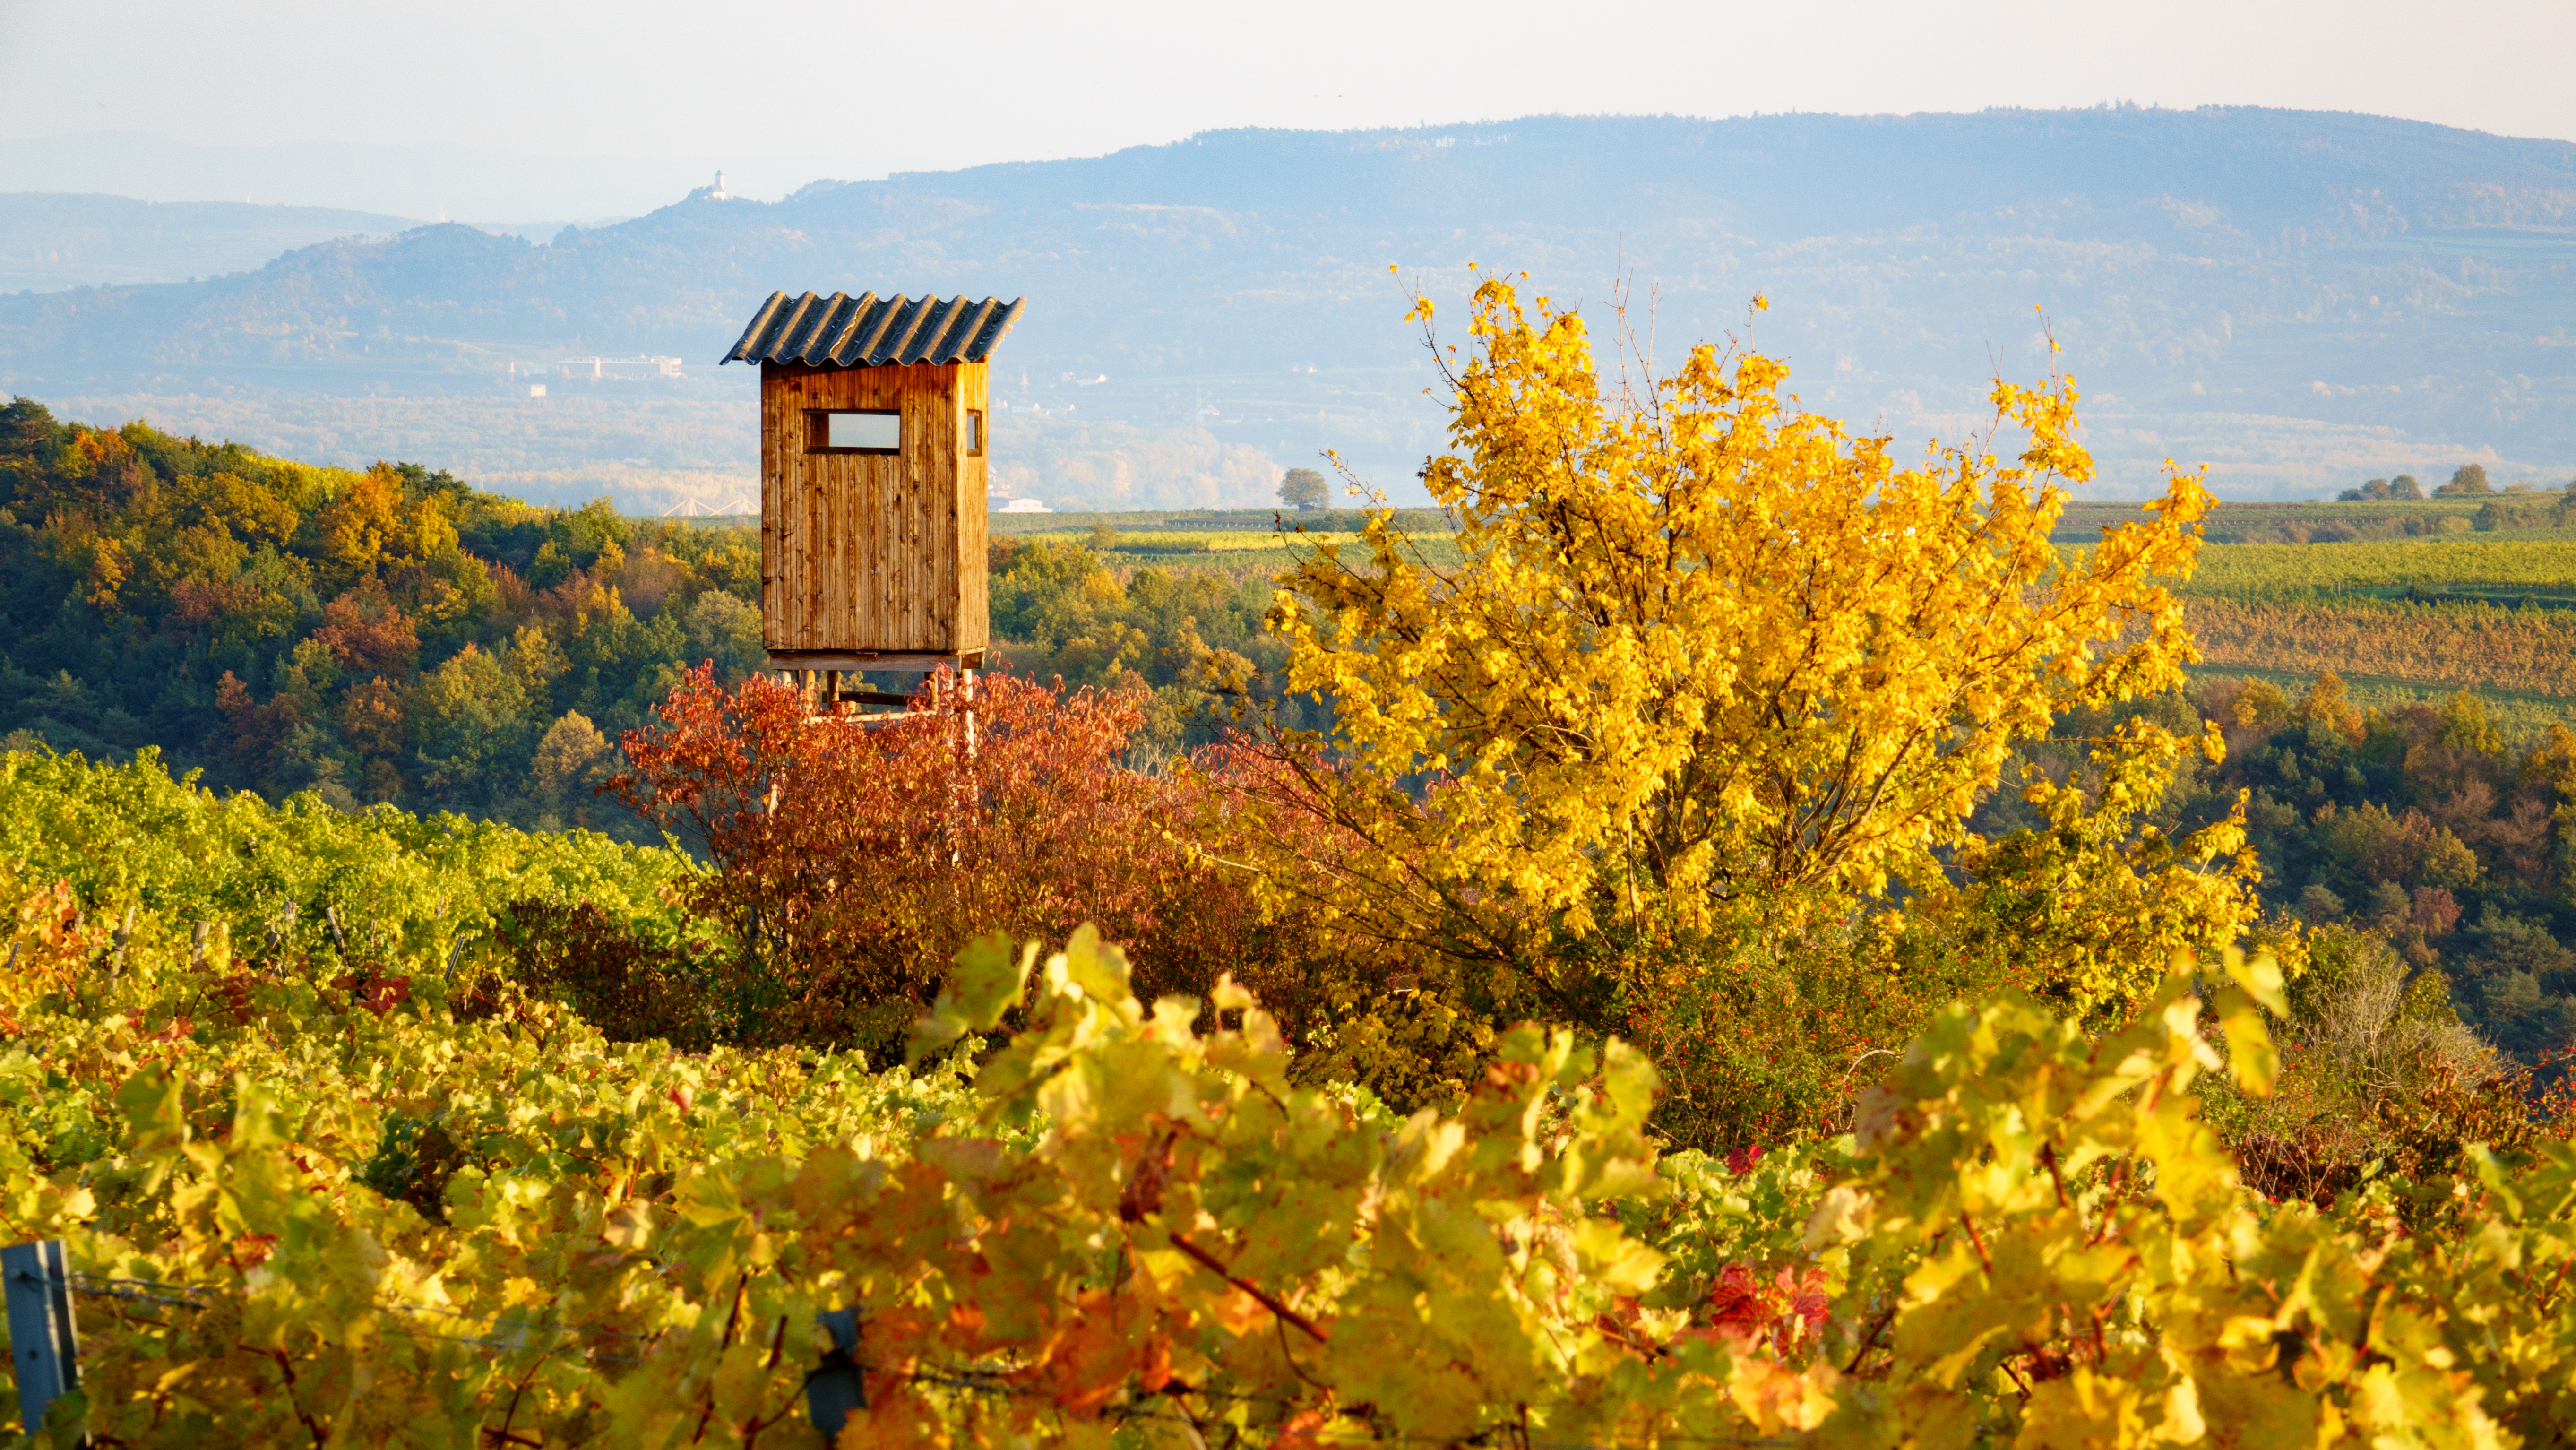 SÉJOUR OENOLOGIQUE EN AUTRICHE - Autriche - Les régions viticoles - 1